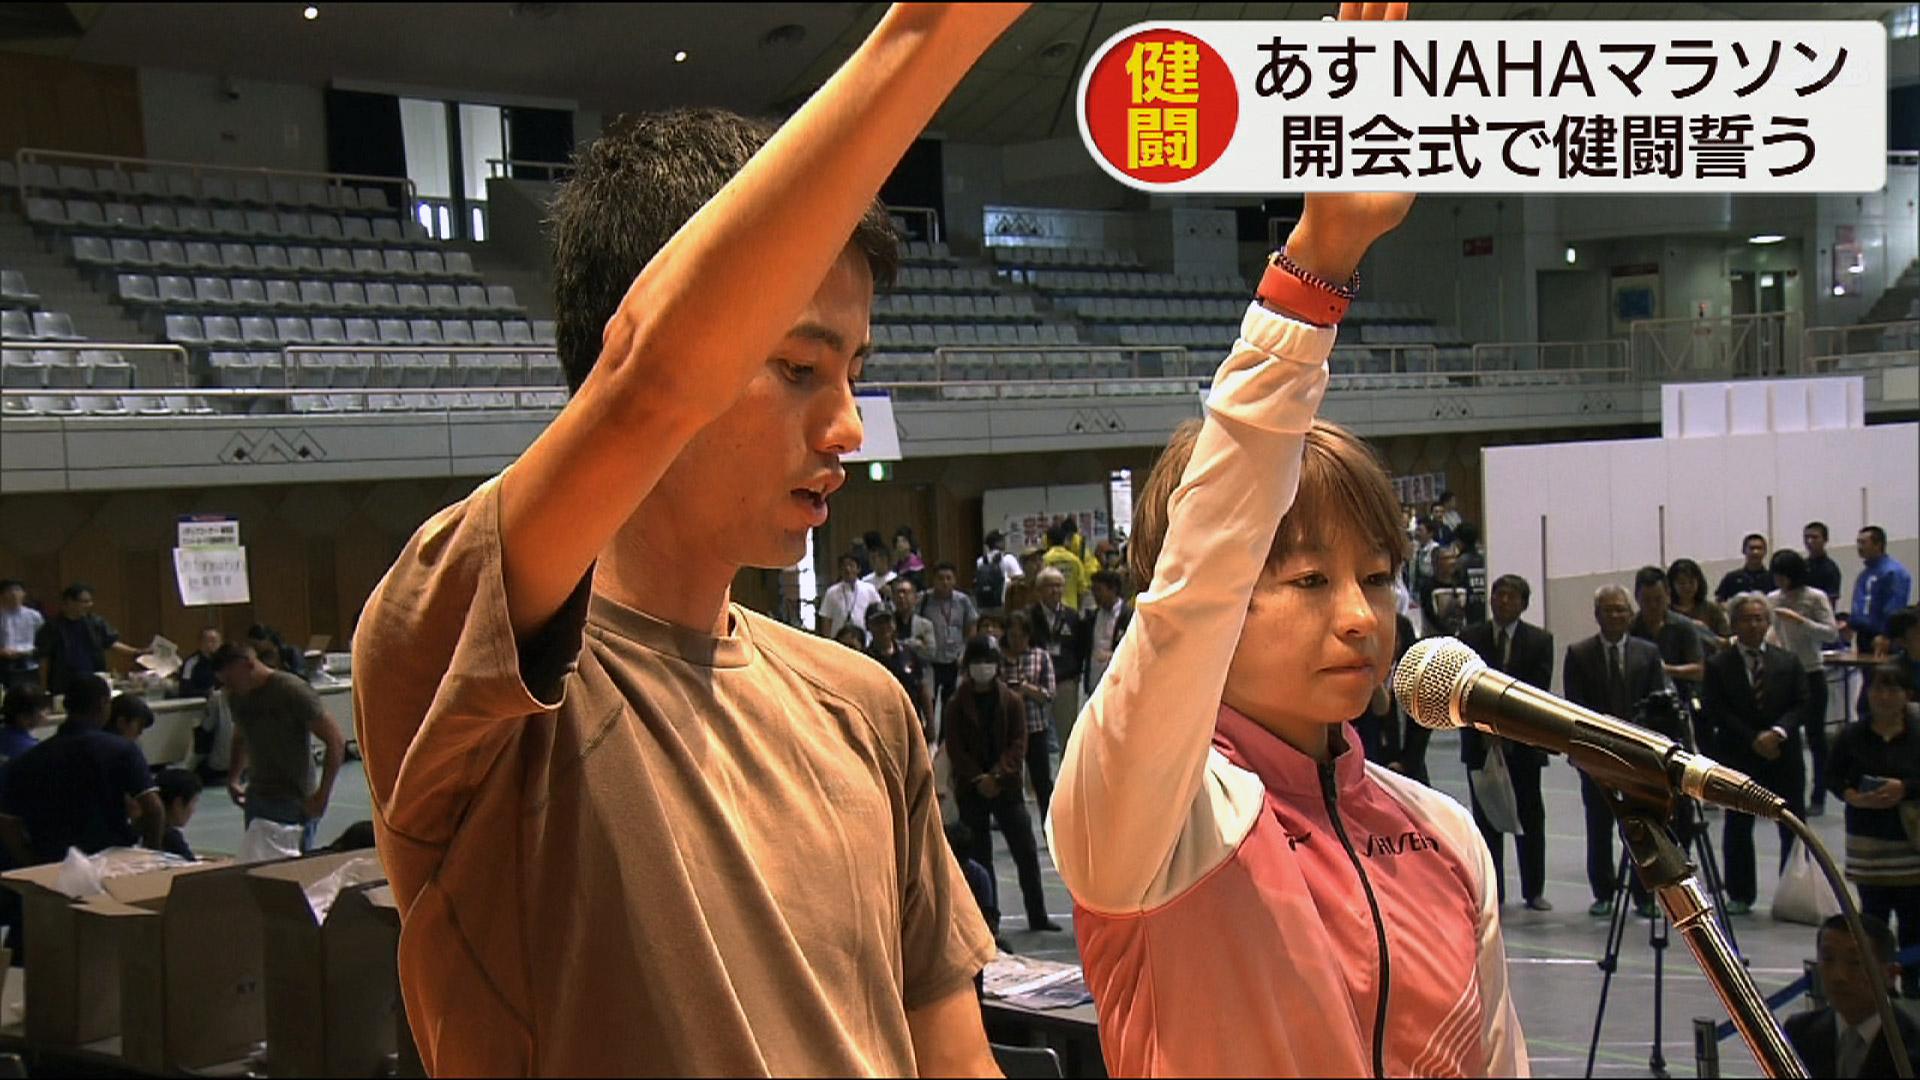 あす開幕 NAHAマラソン開会式